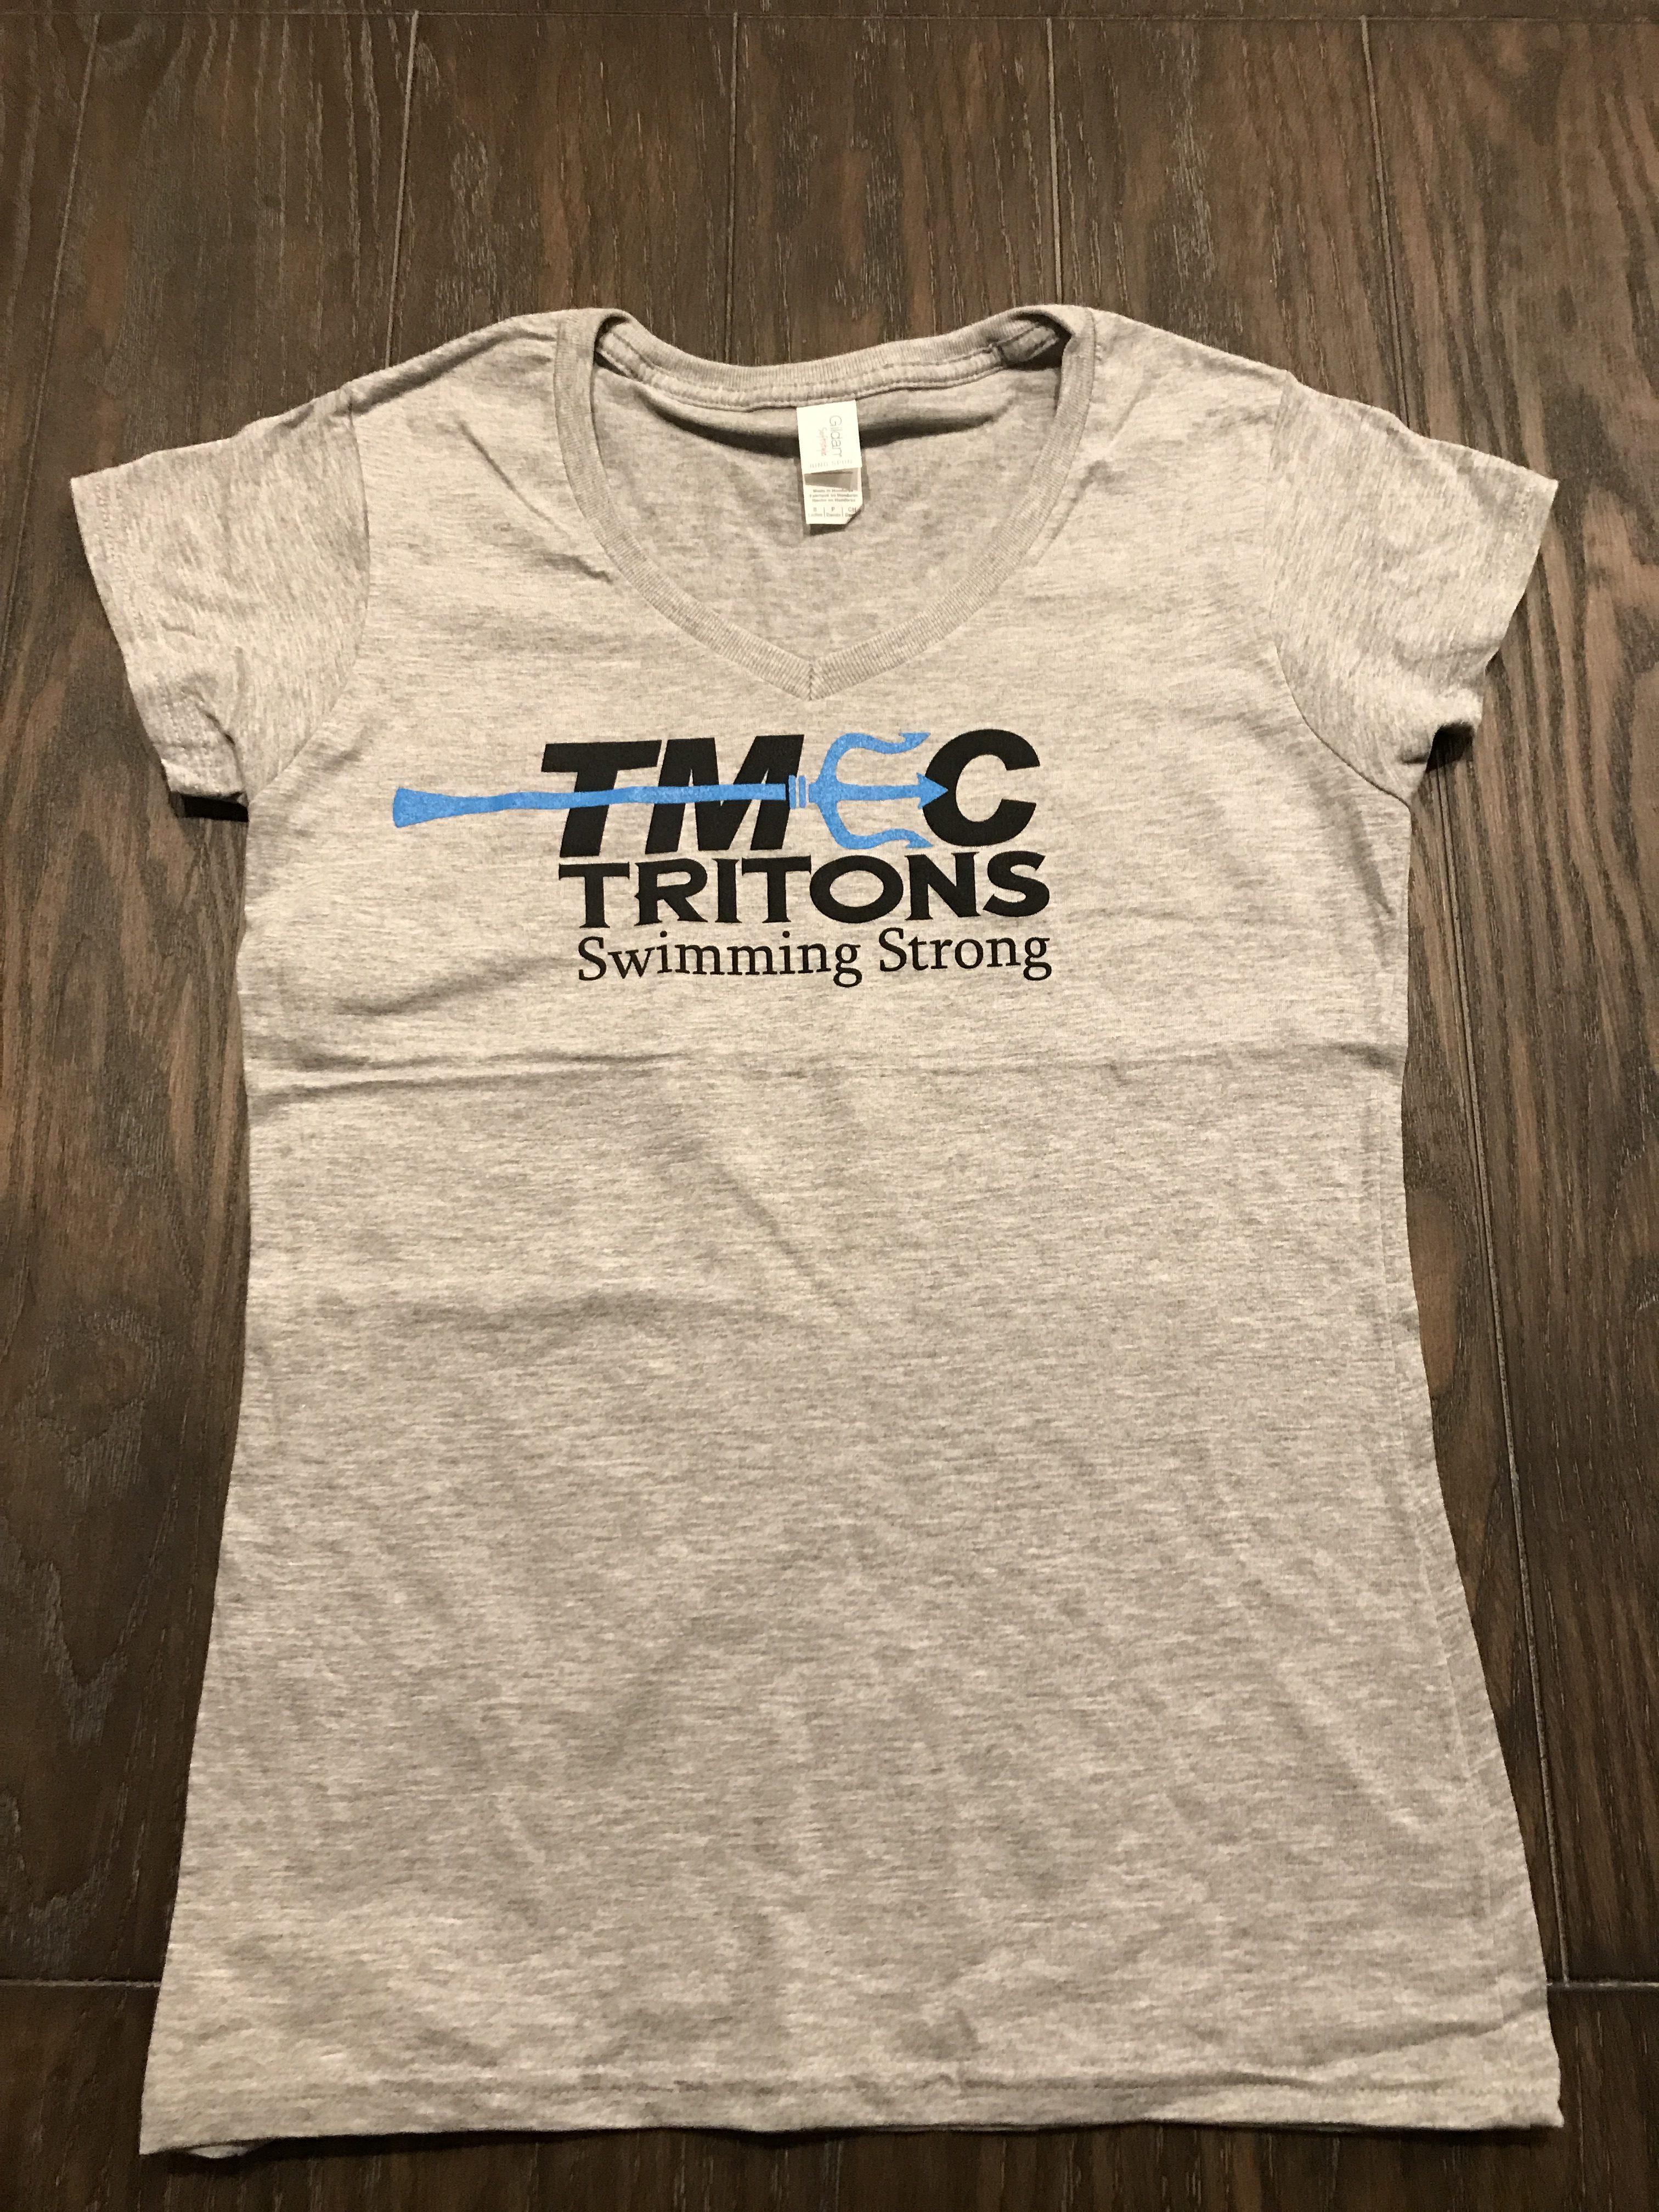 TMEC Women V-Neck Team Shirt in Sports Grey